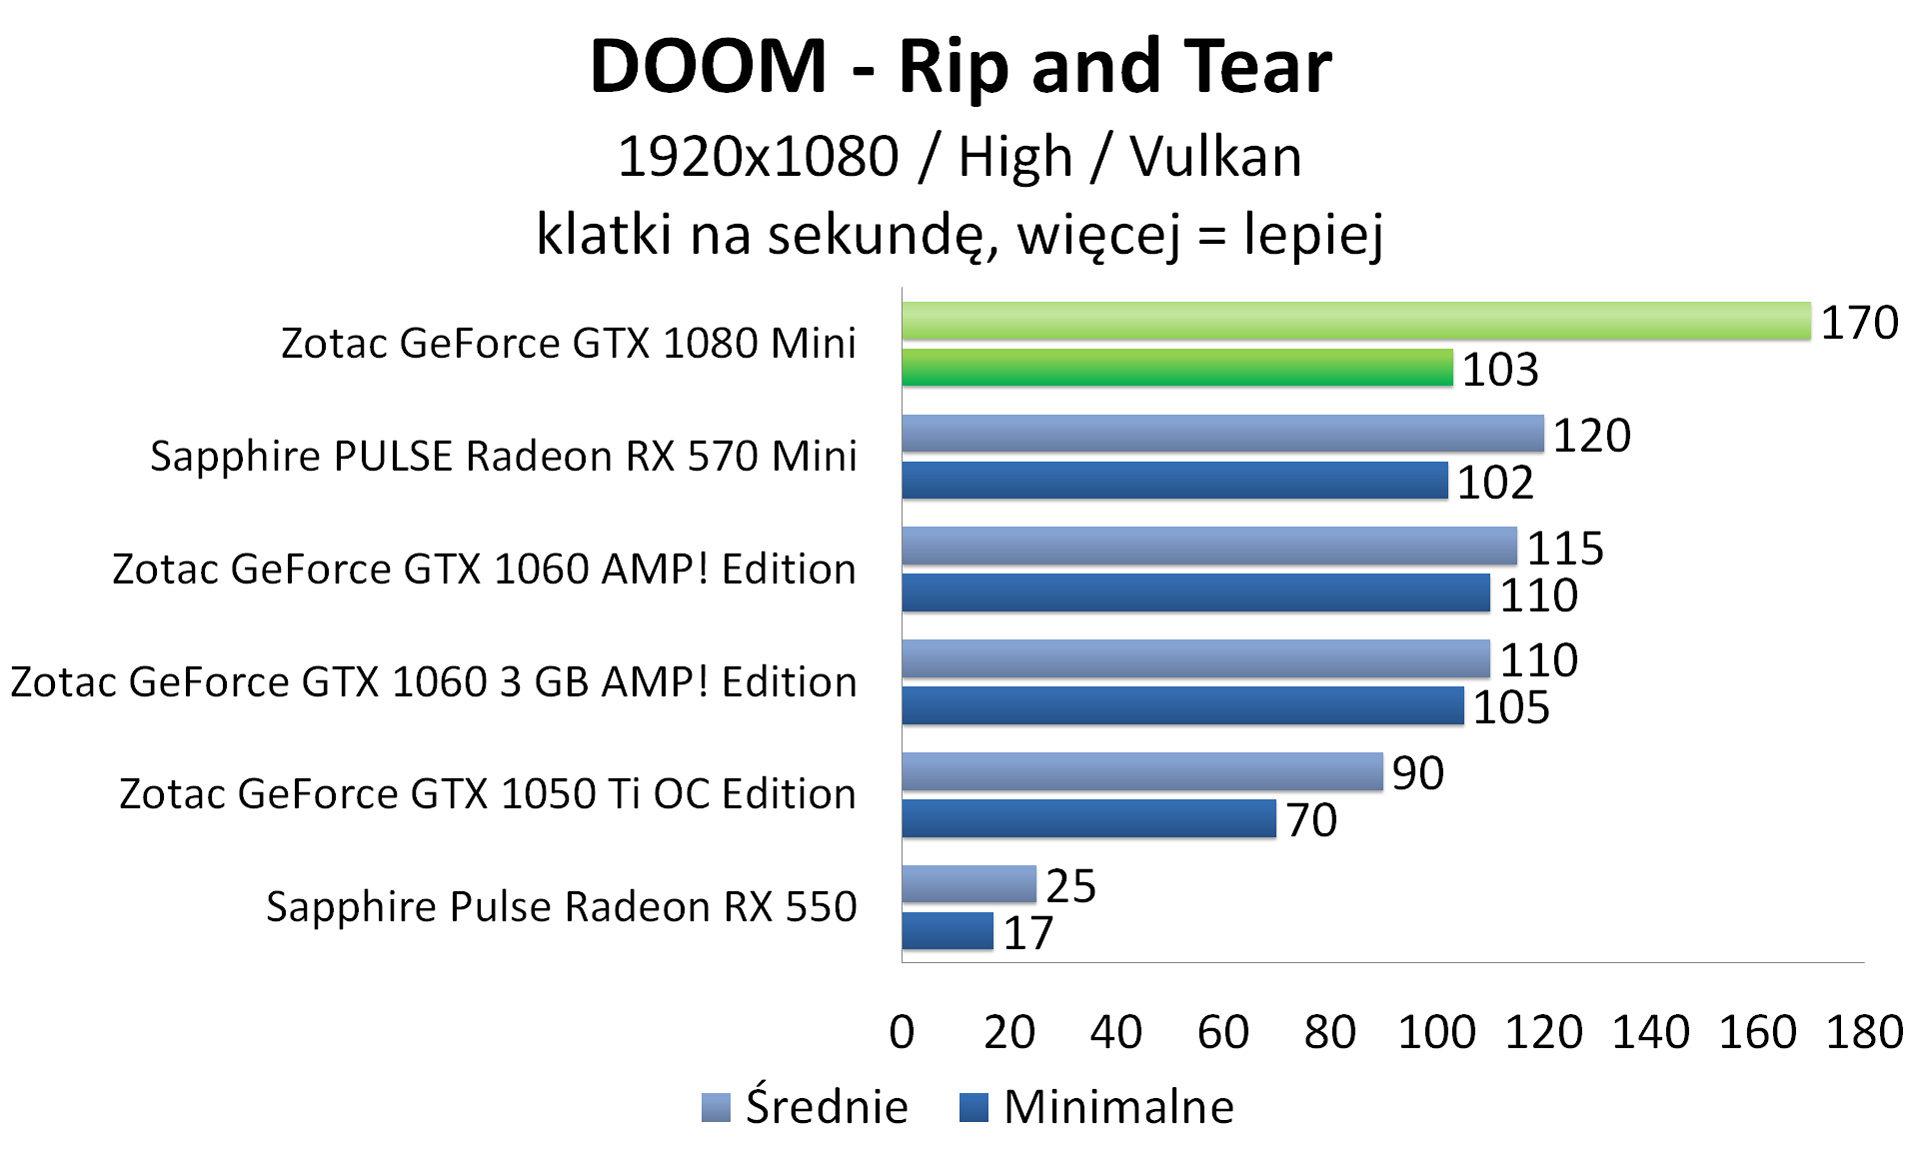 Zotac GeForce GTX 1080 Mini - DOOM - Vulkan